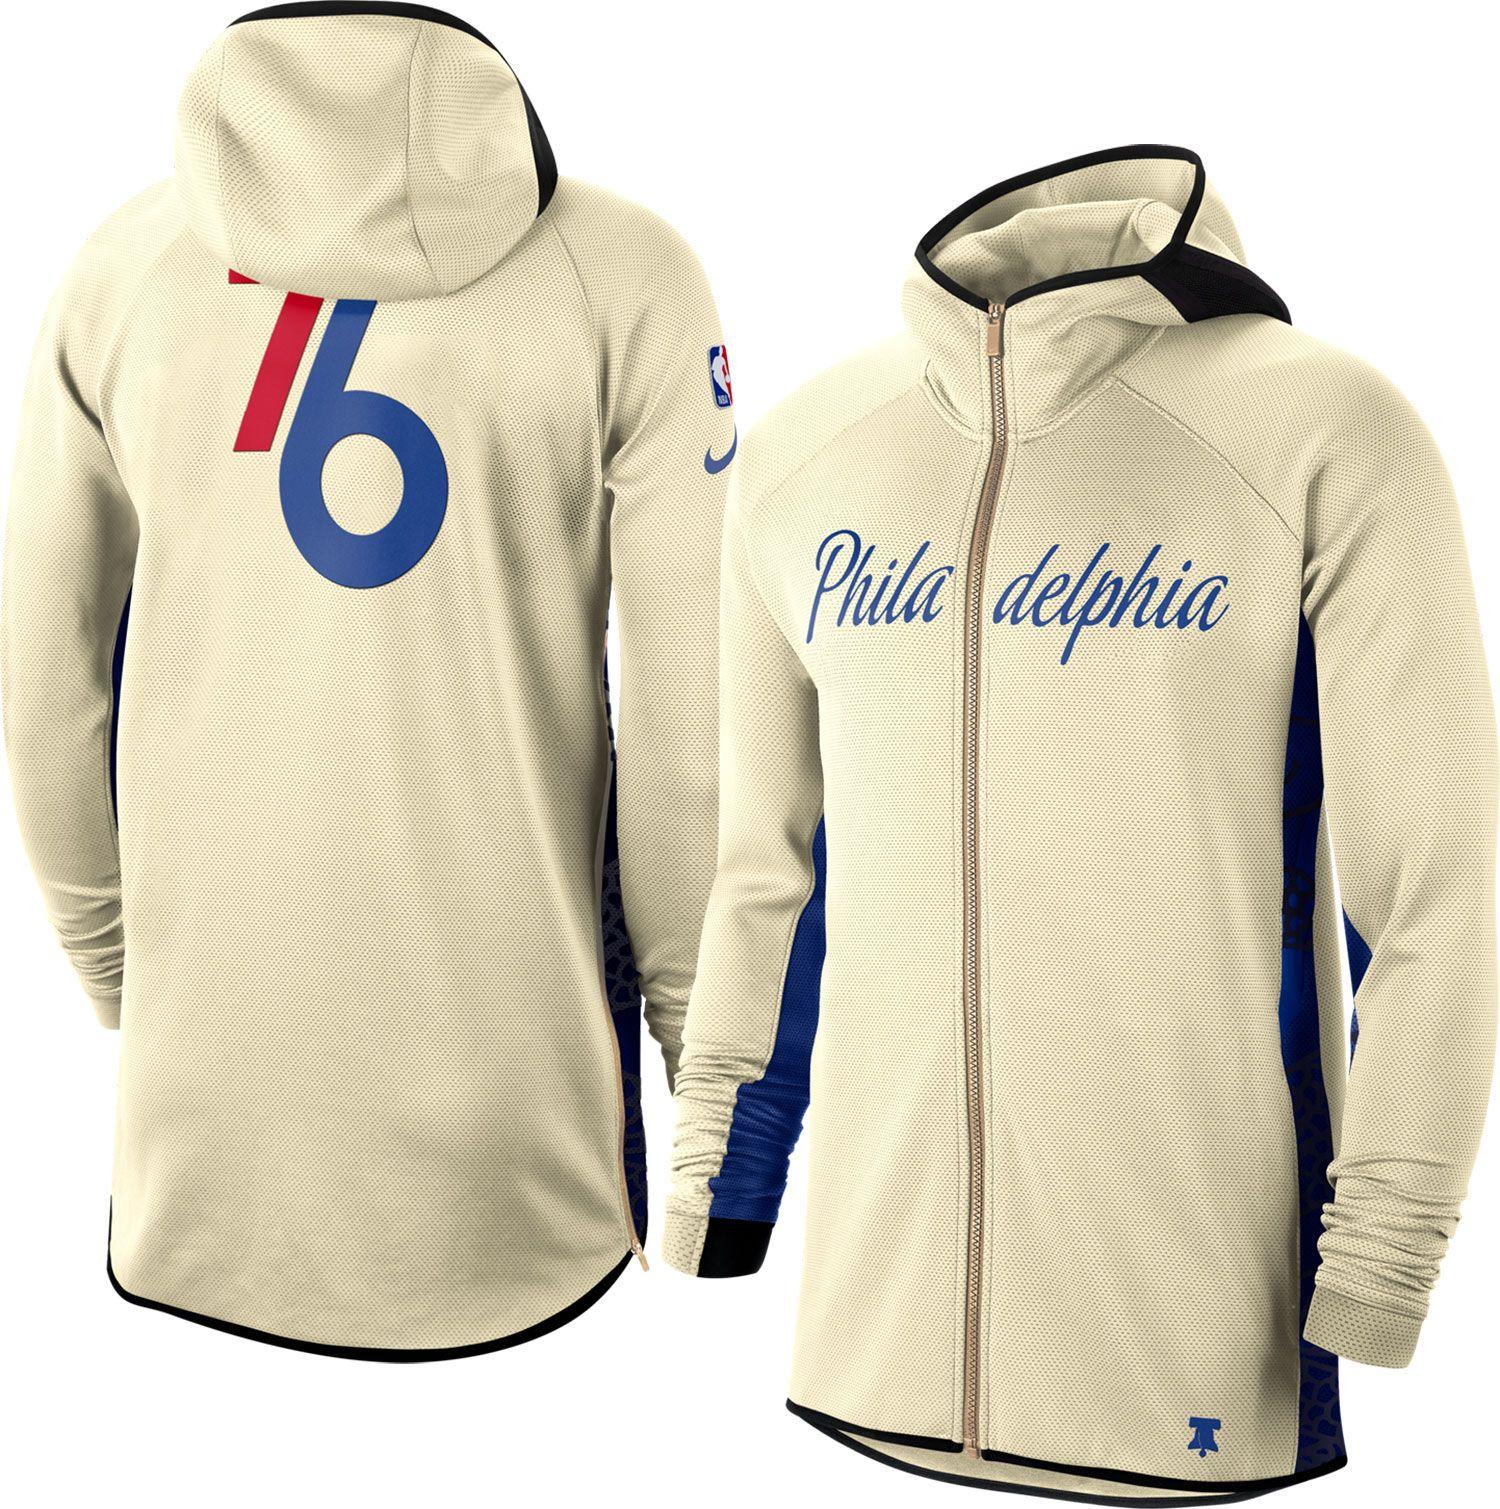 76ers therma flex hoodie